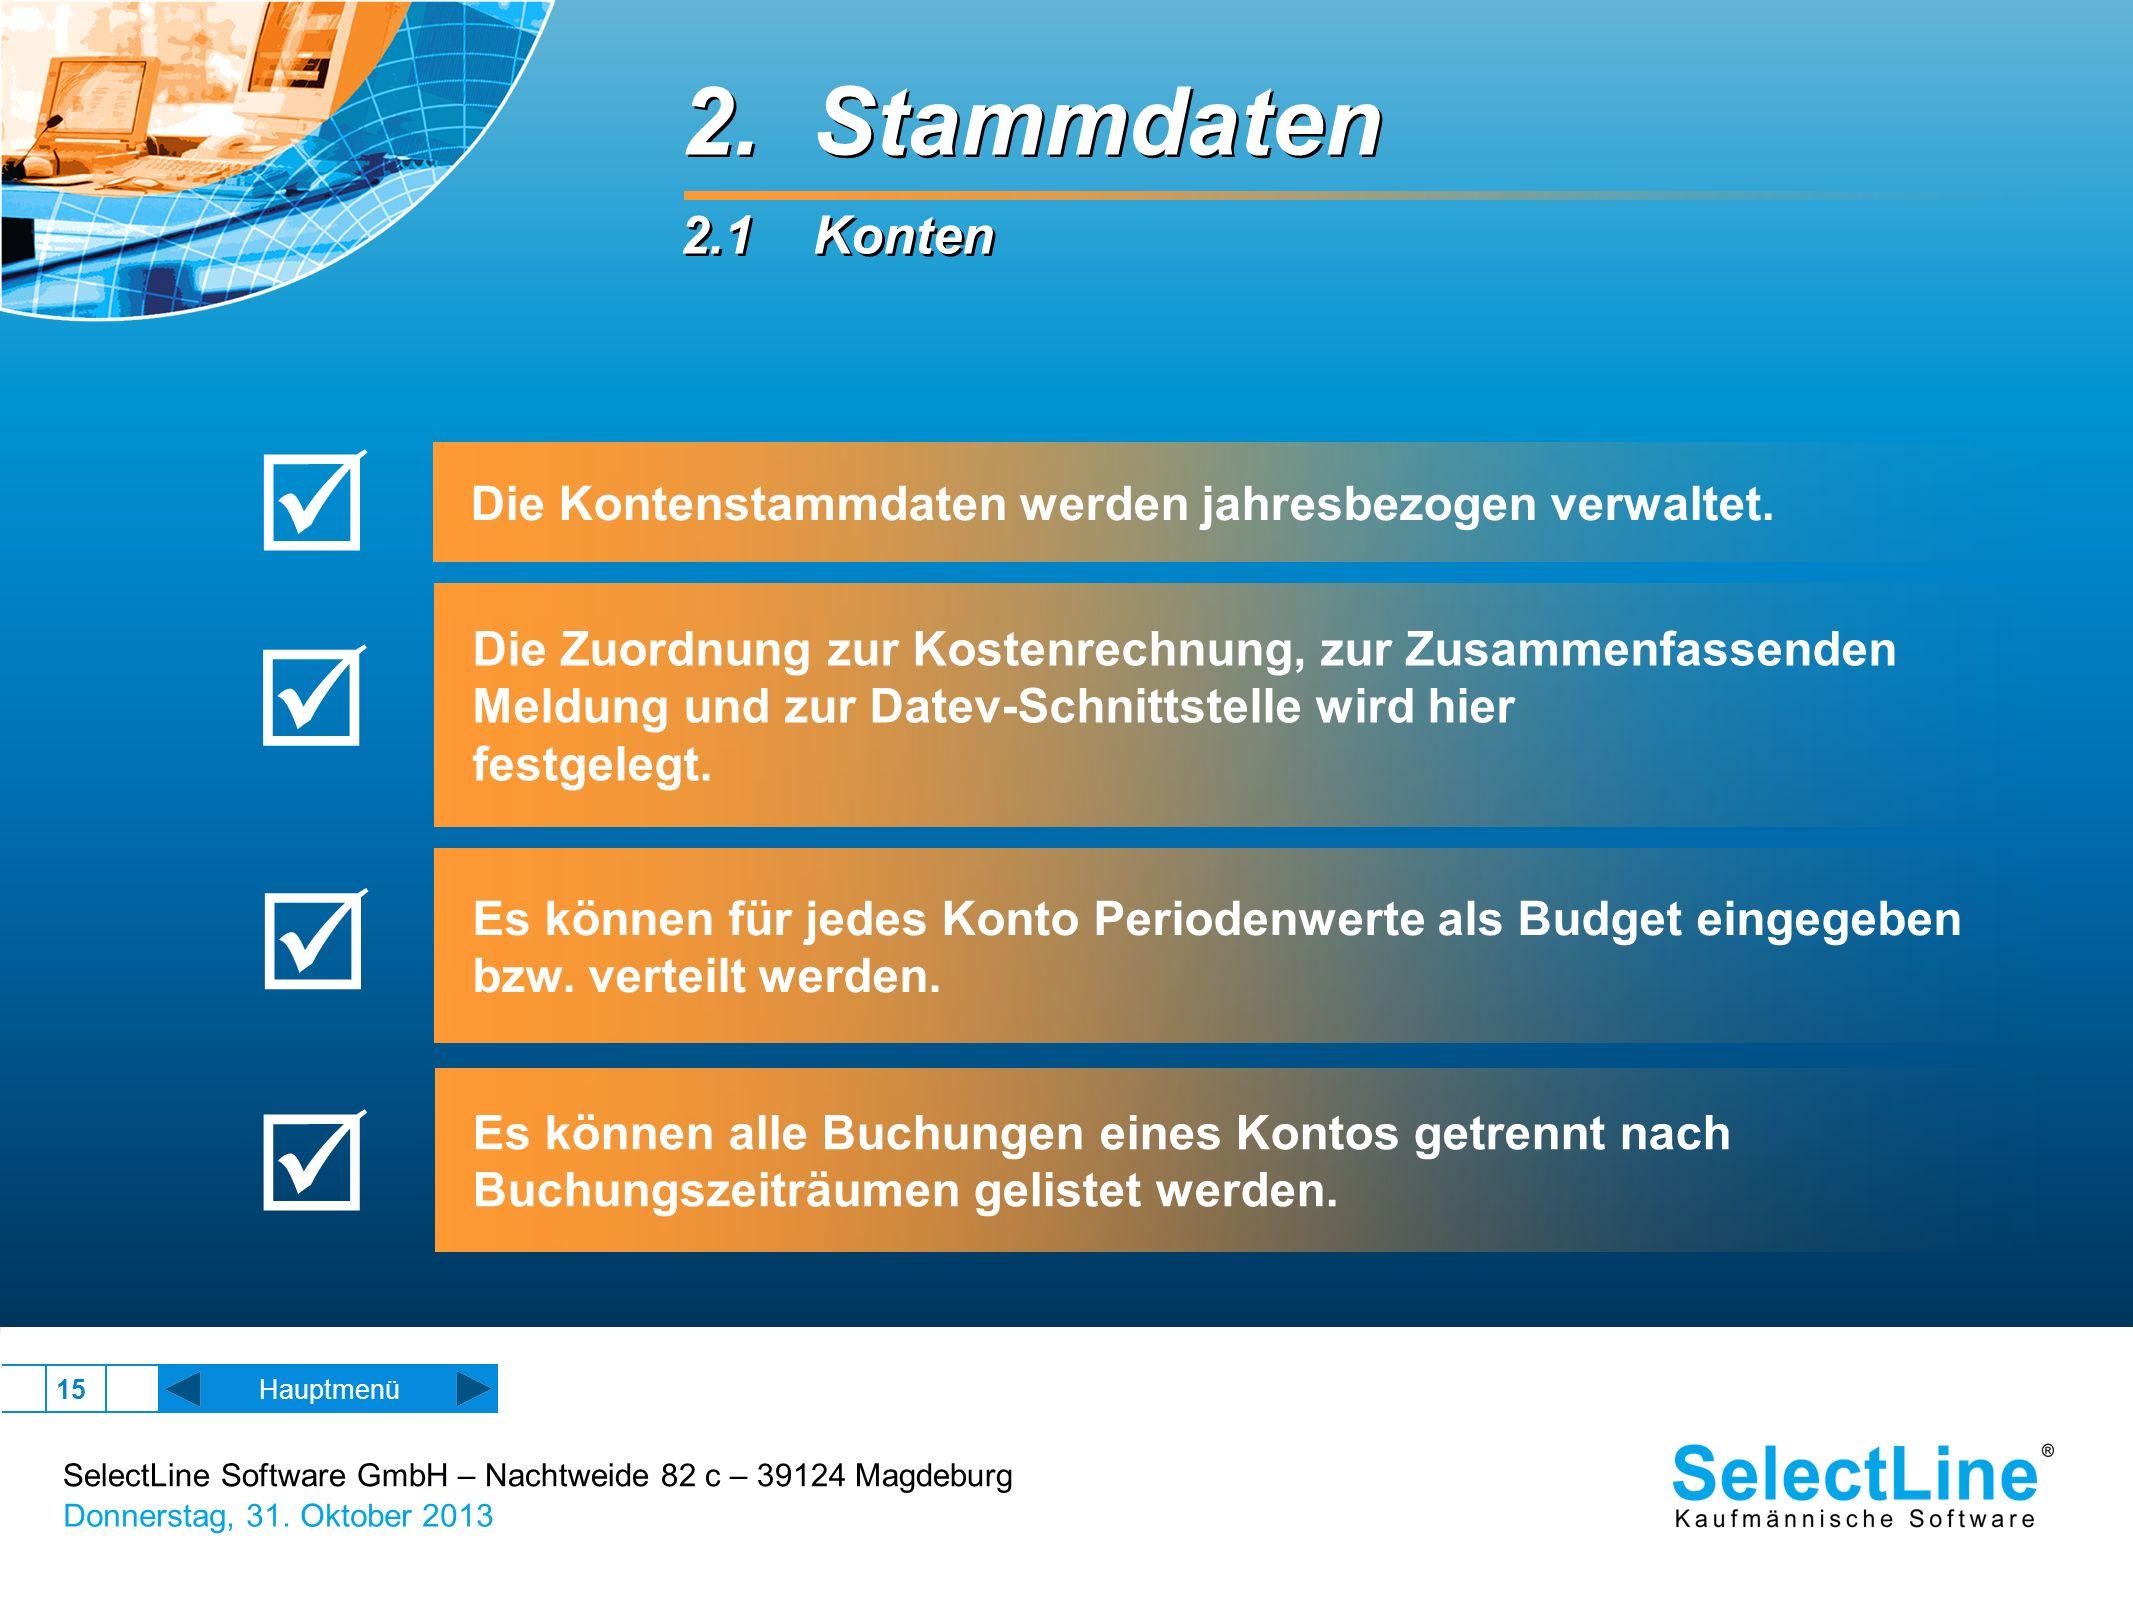 SelectLine Software GmbH – Nachtweide 82 c – 39124 Magdeburg Donnerstag, 31. Oktober 2013 15 2. Stammdaten 2.1 Konten 2. Stammdaten 2.1 Konten Hauptme